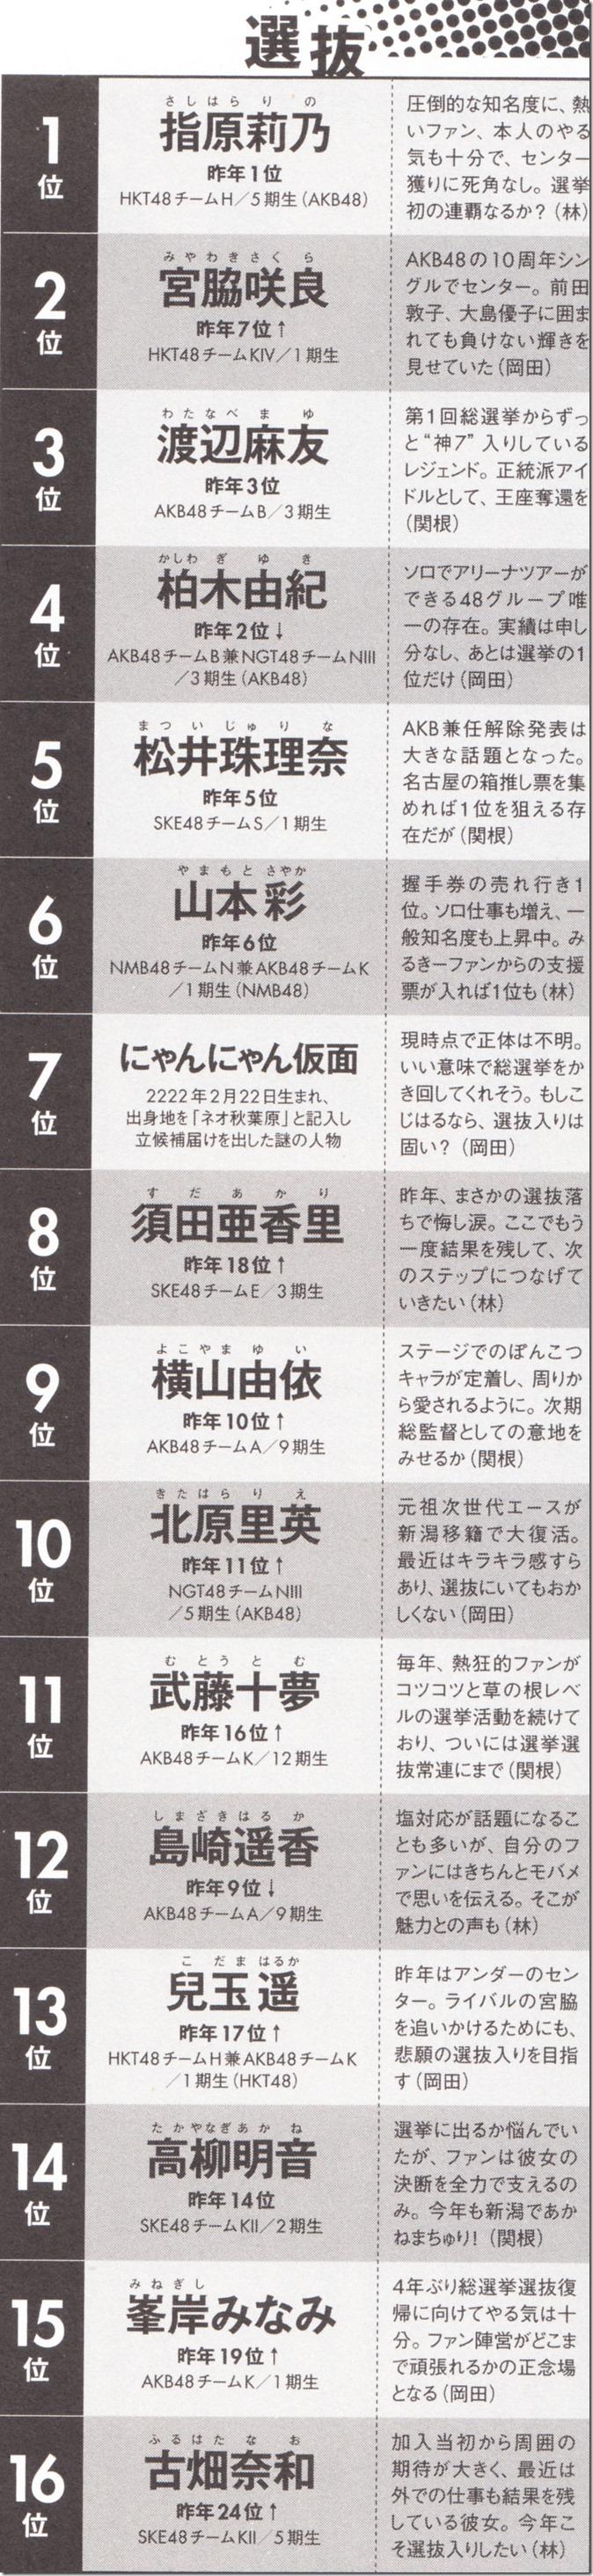 ENTAME June 2016 issue FT. Miyawaki Sakura (84)